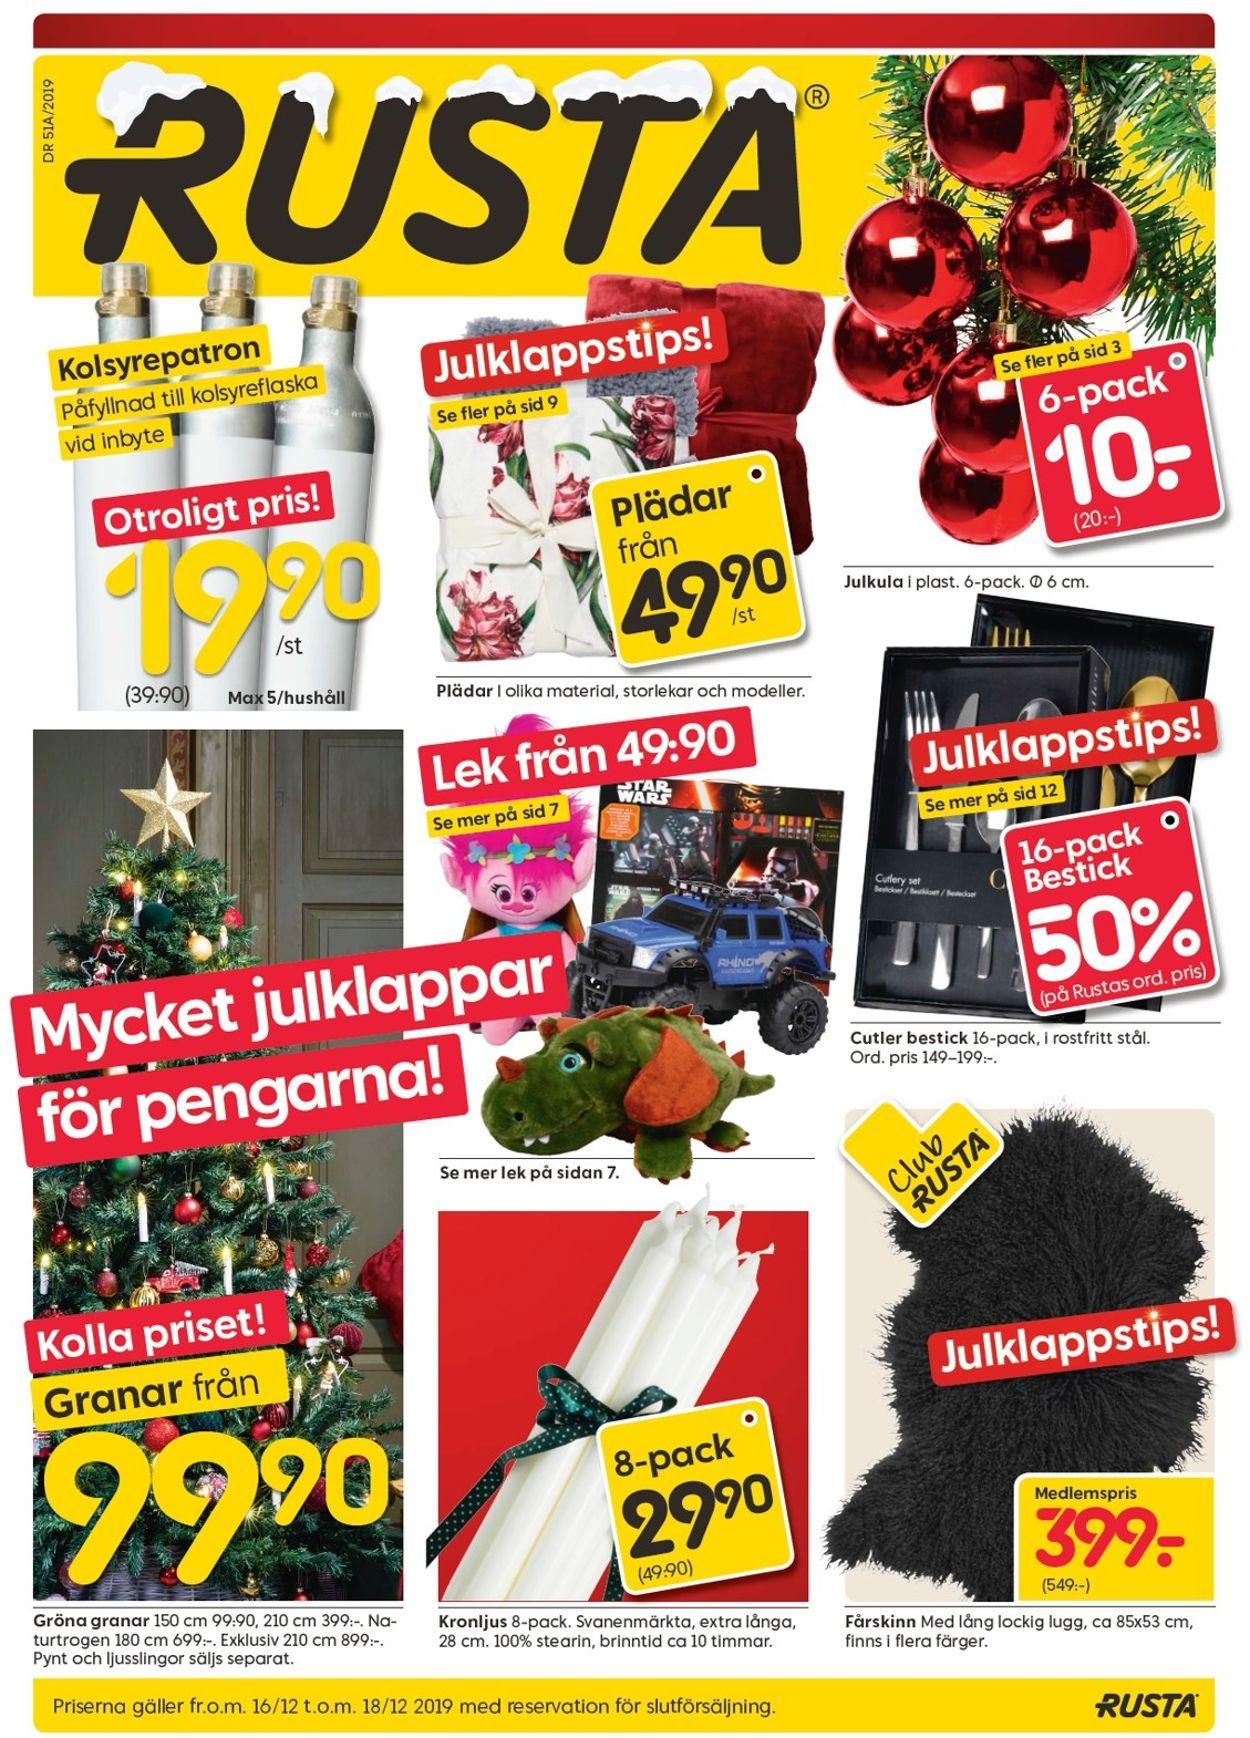 Aktuell annons Rusta Julen 2019 - Reklamblad - 16/12-18/12-2019